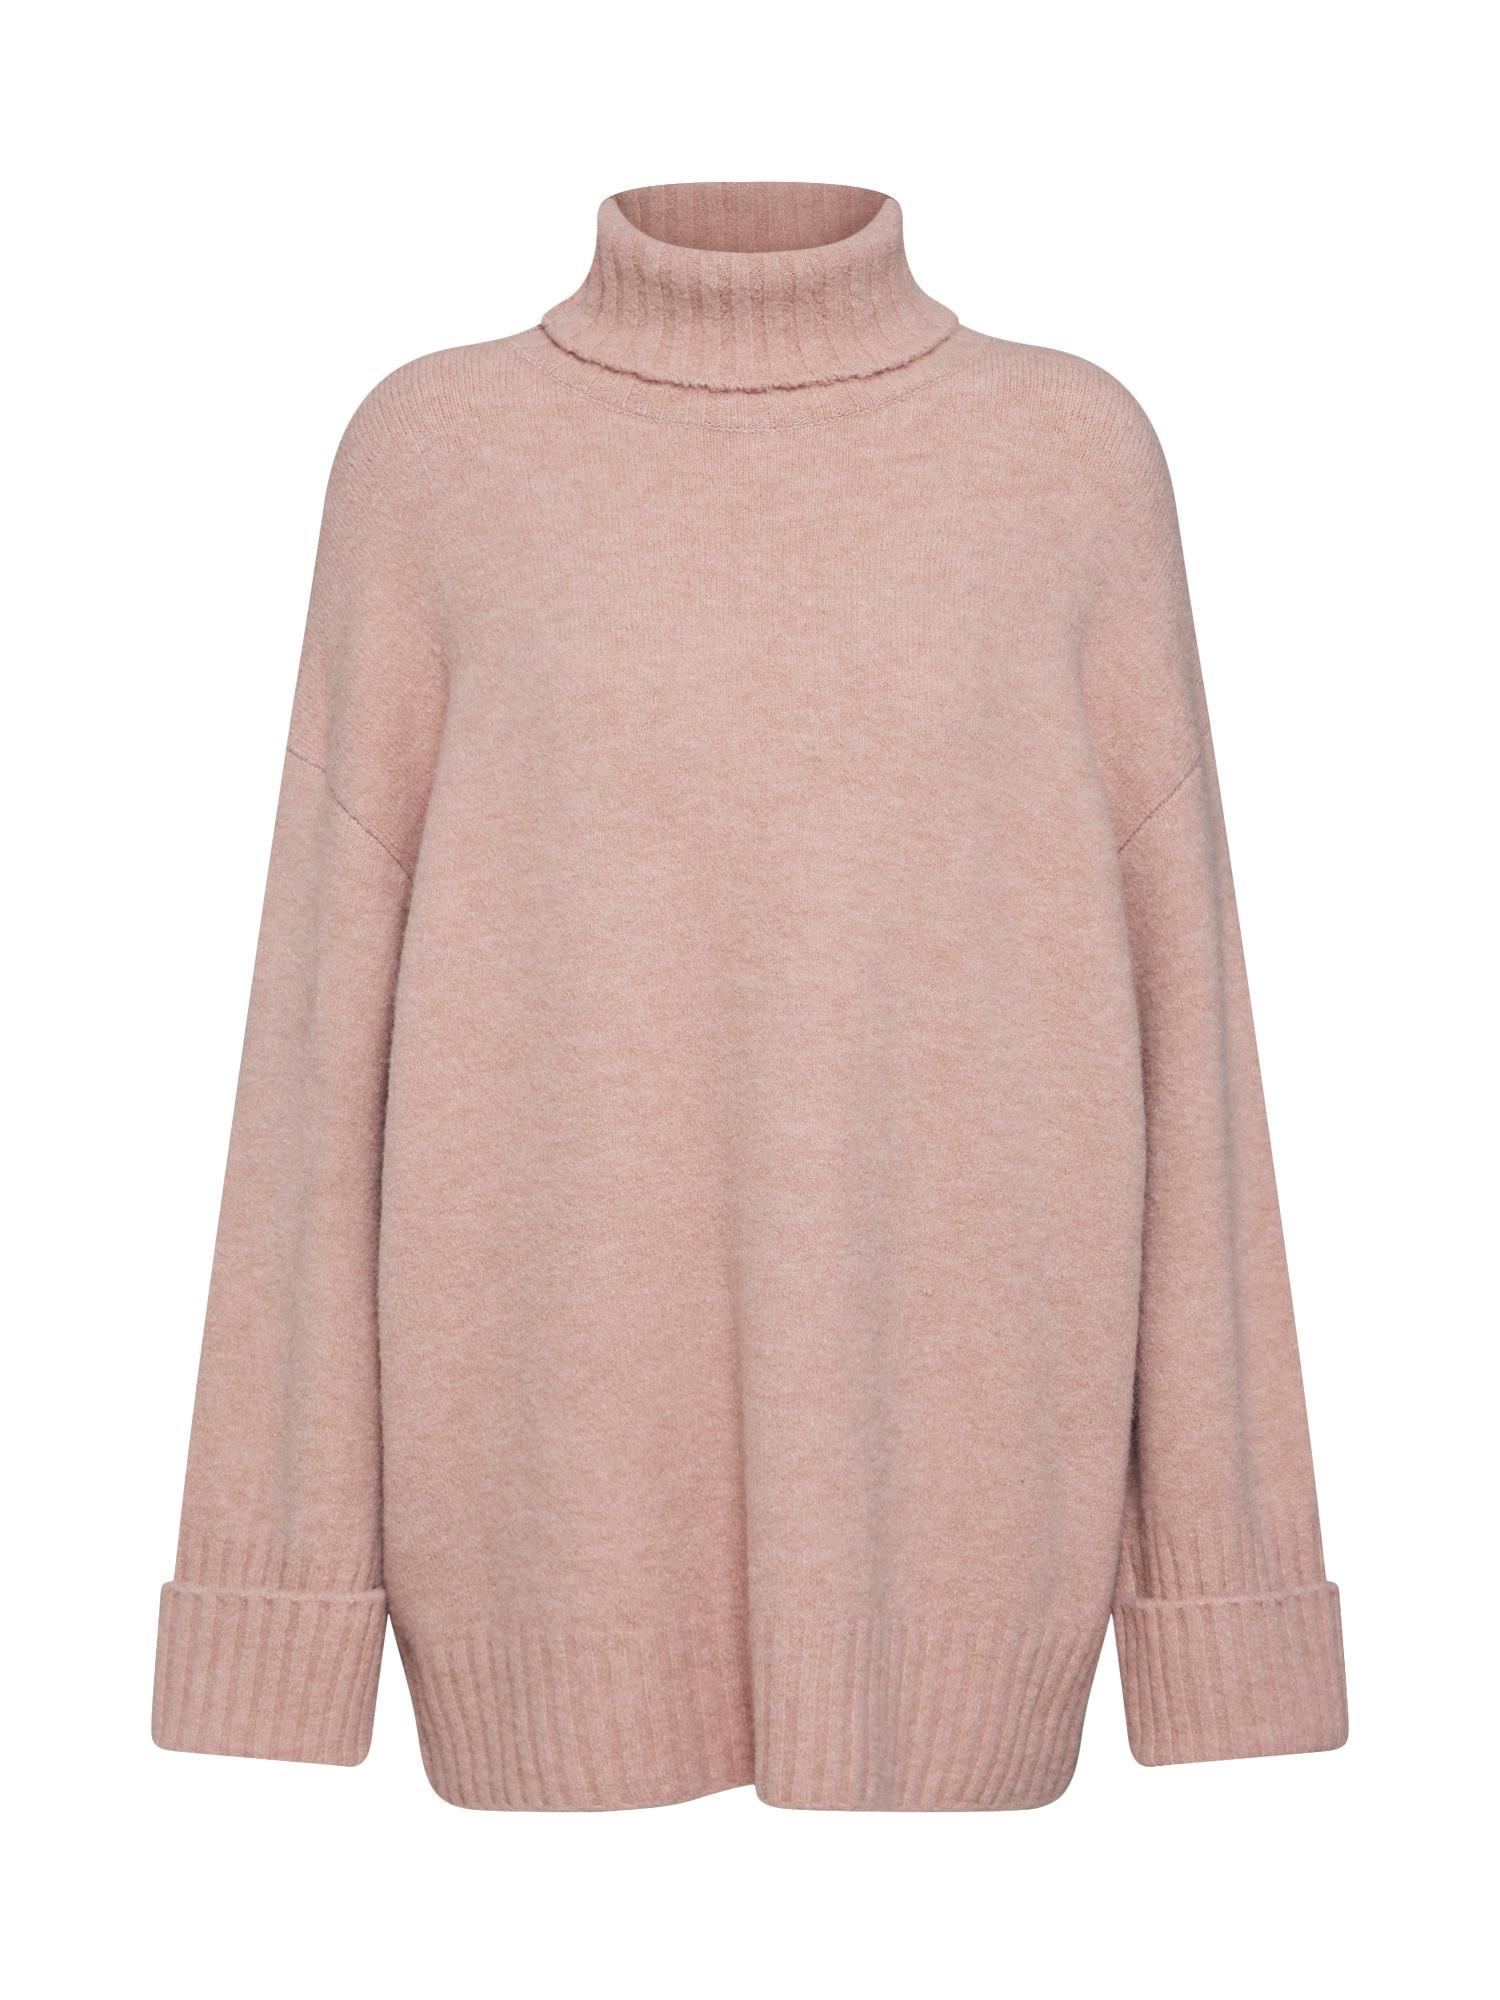 EDITED Megztinis 'Lou' rožinė